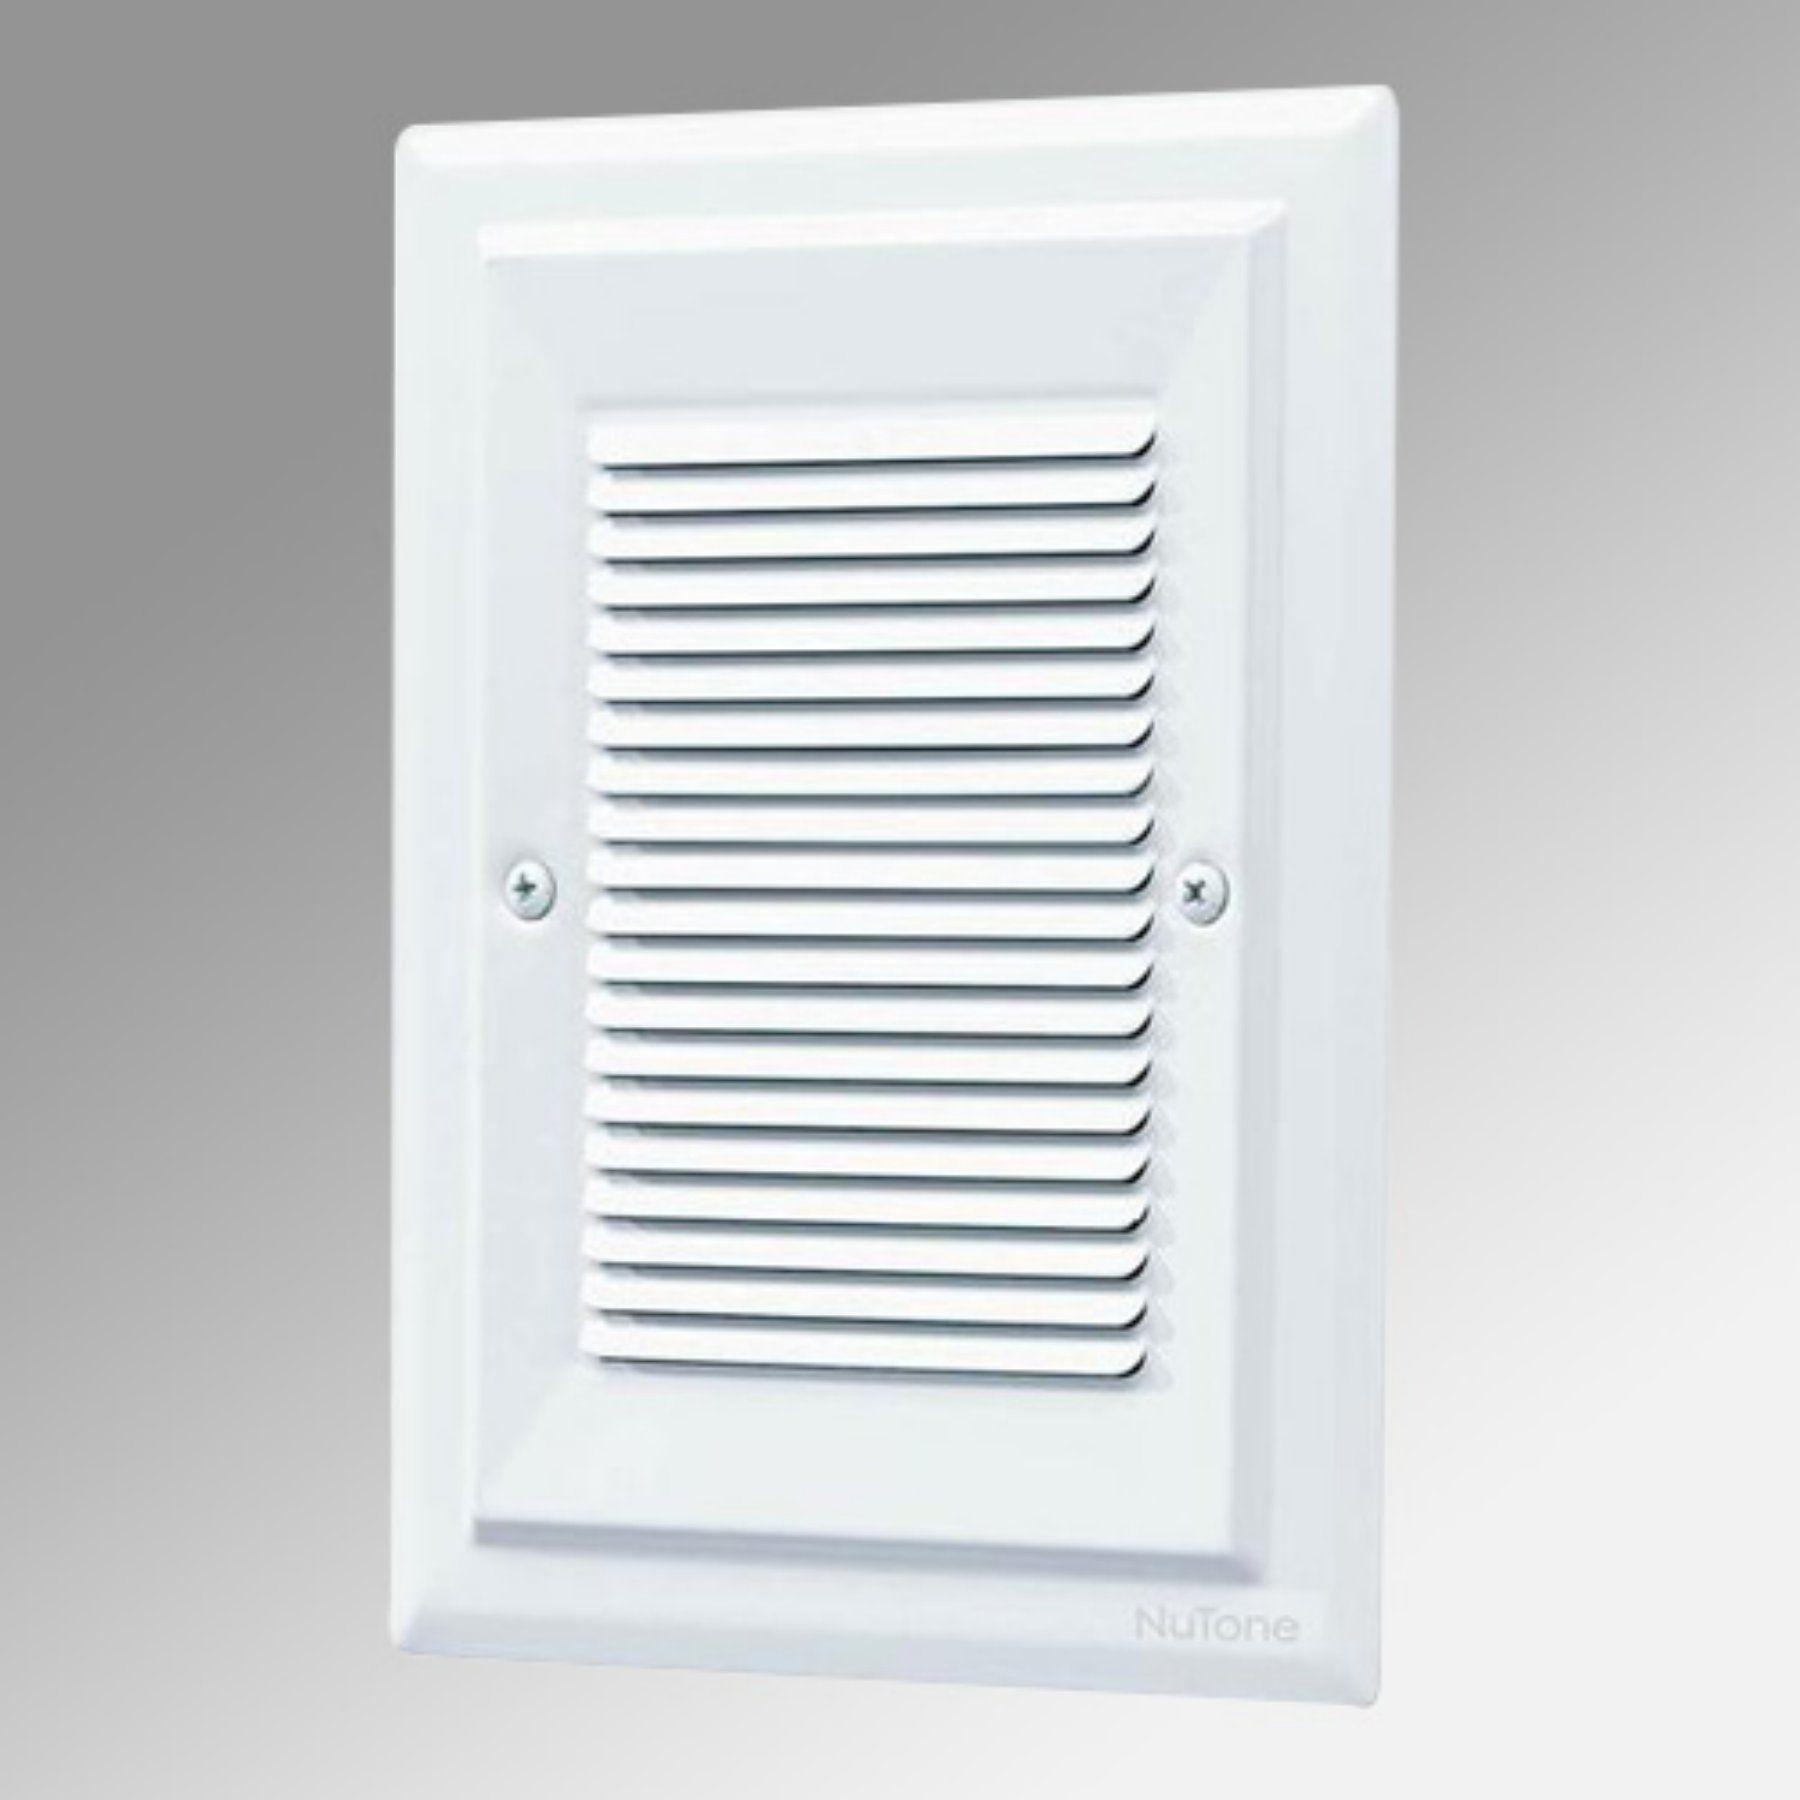 Beste Wired Door Chimes Ideen - Schaltplan Serie Circuit Collection ...